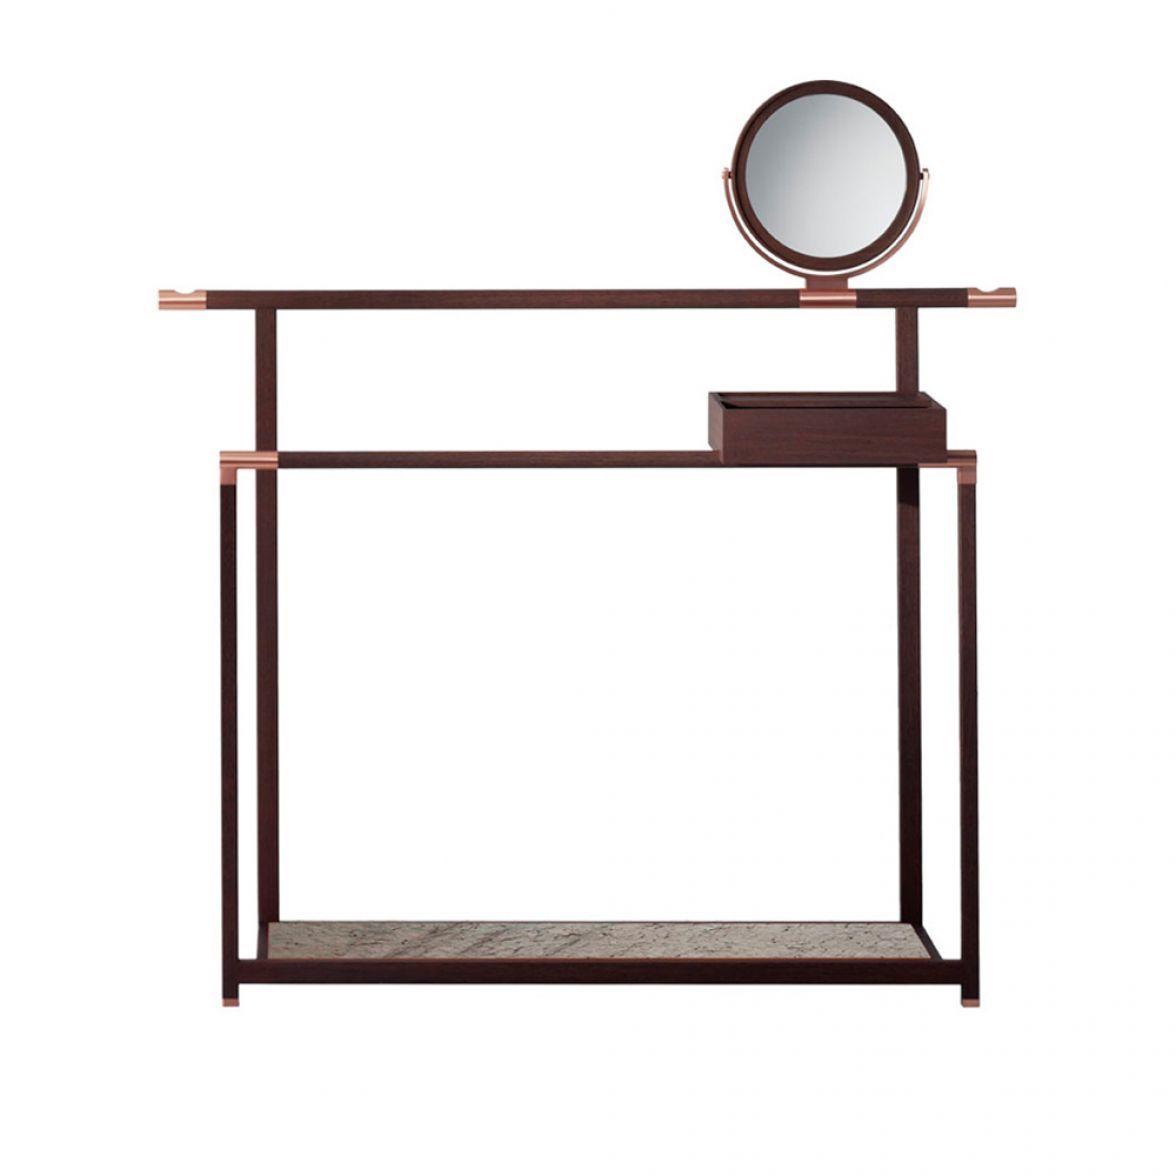 Kori dresser stand